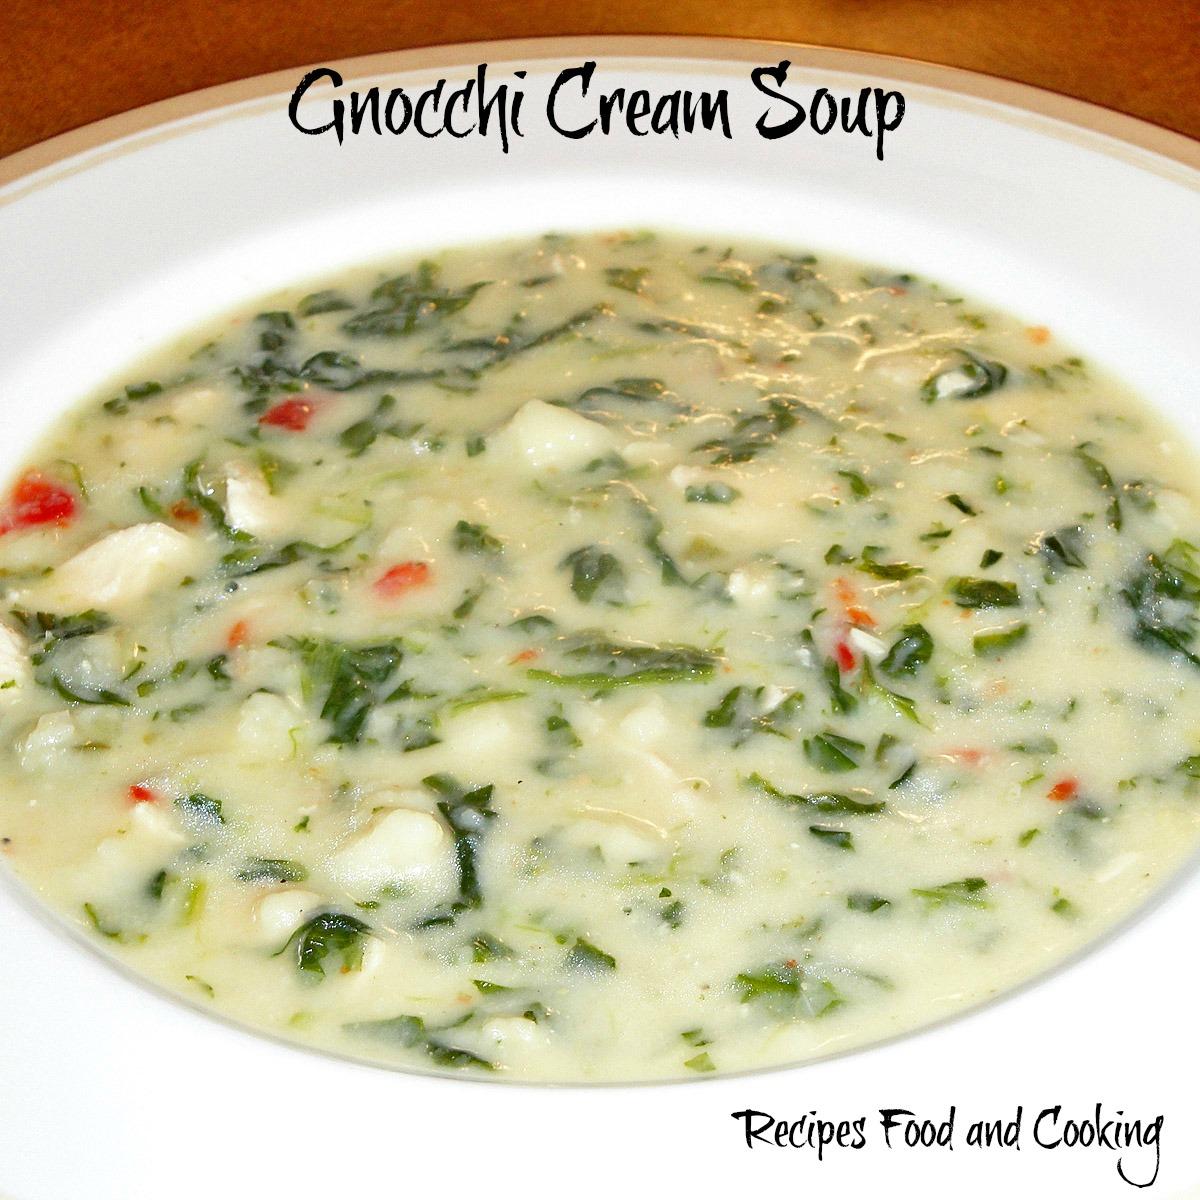 Gnocchi Cream Soup